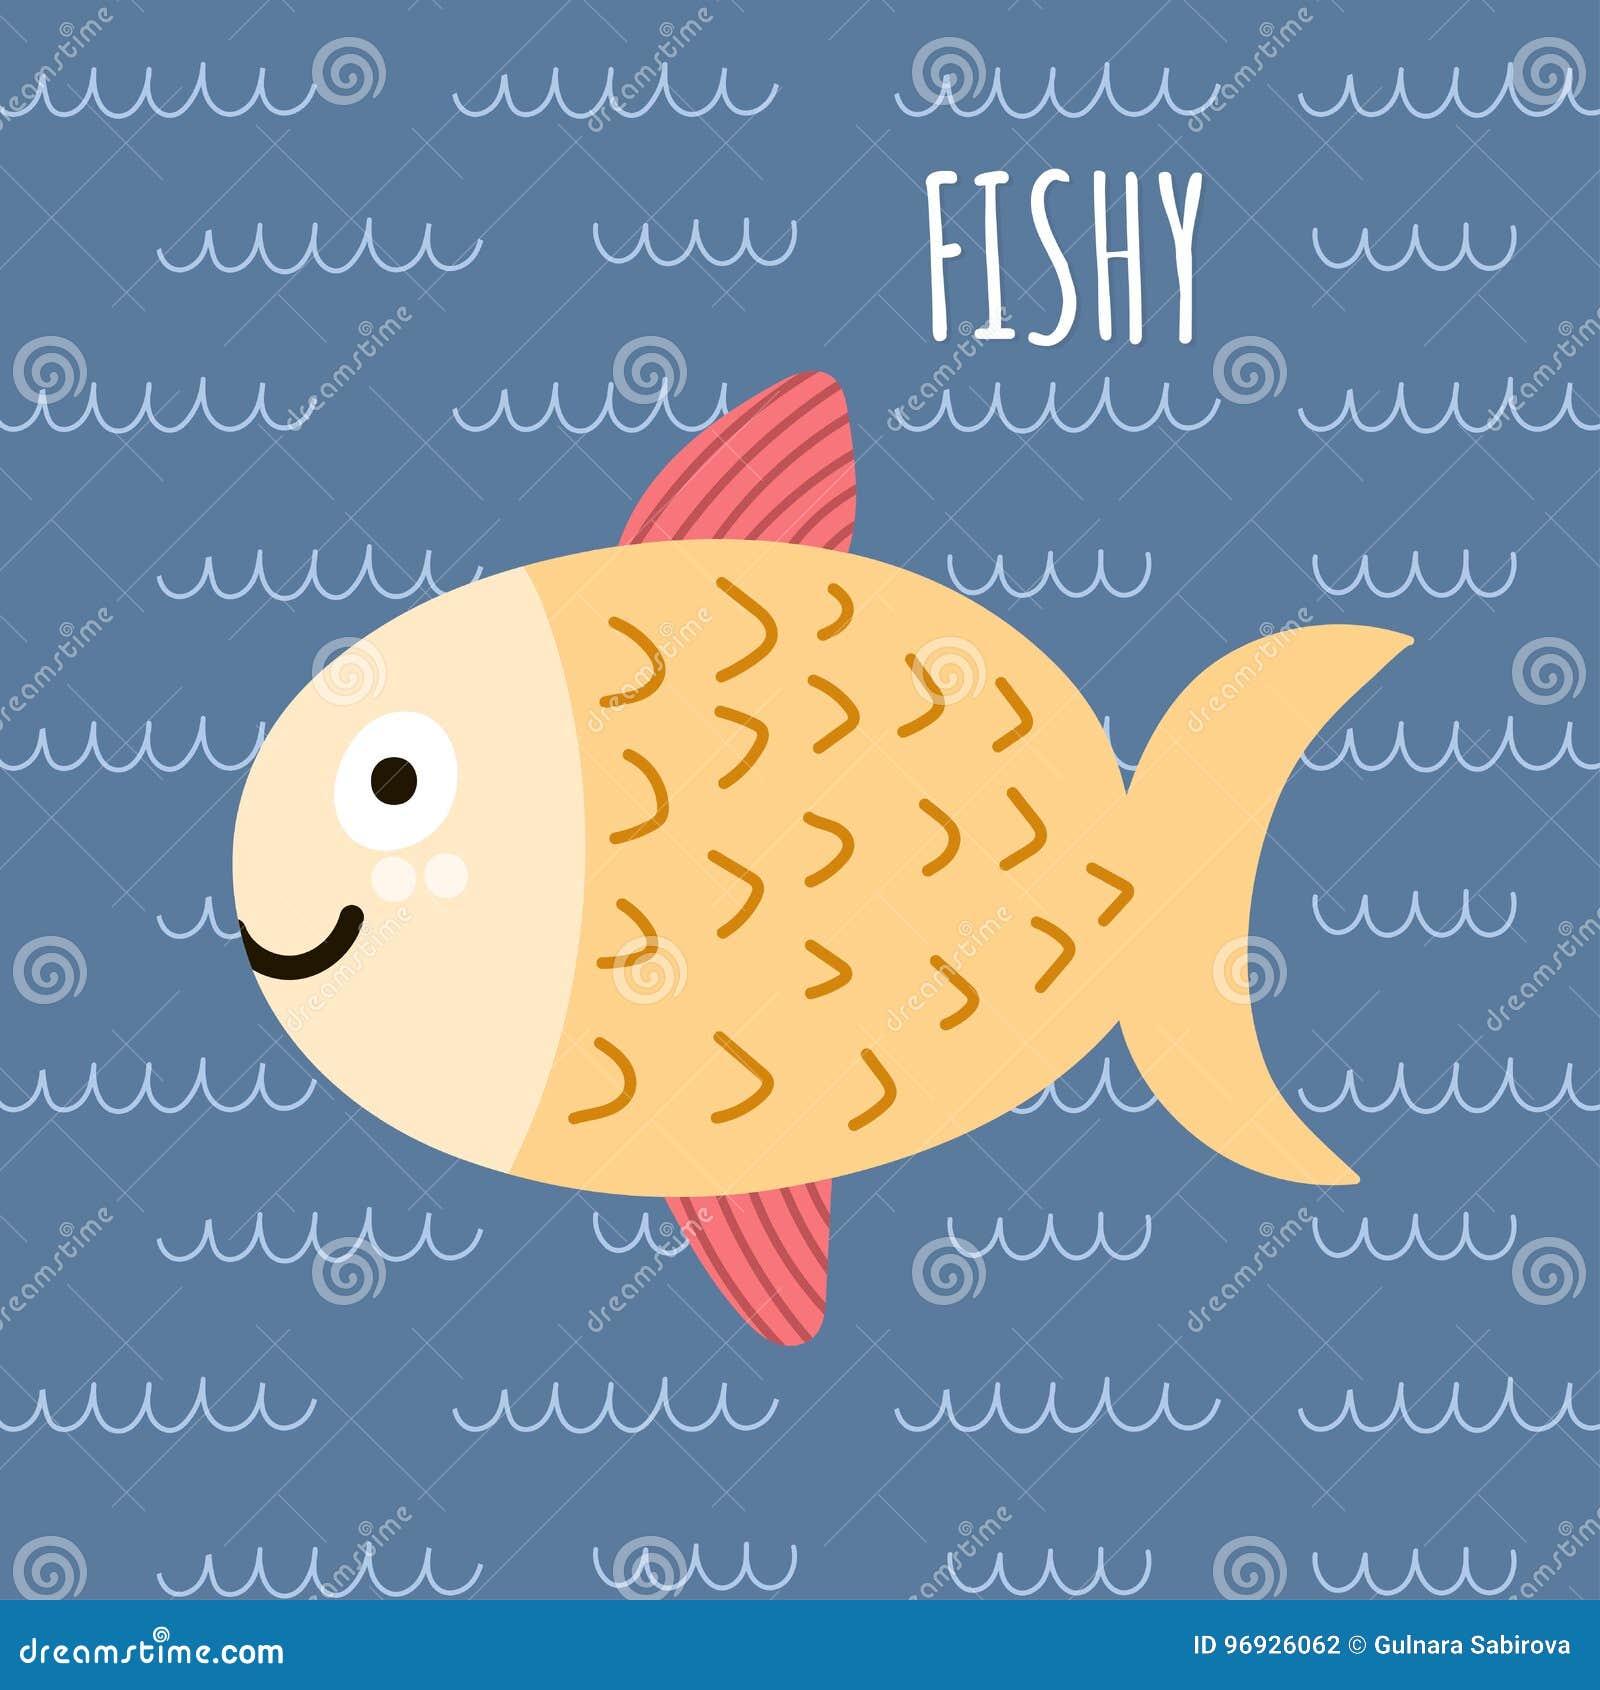 Imprima con pescados y un texto lindos a pescado